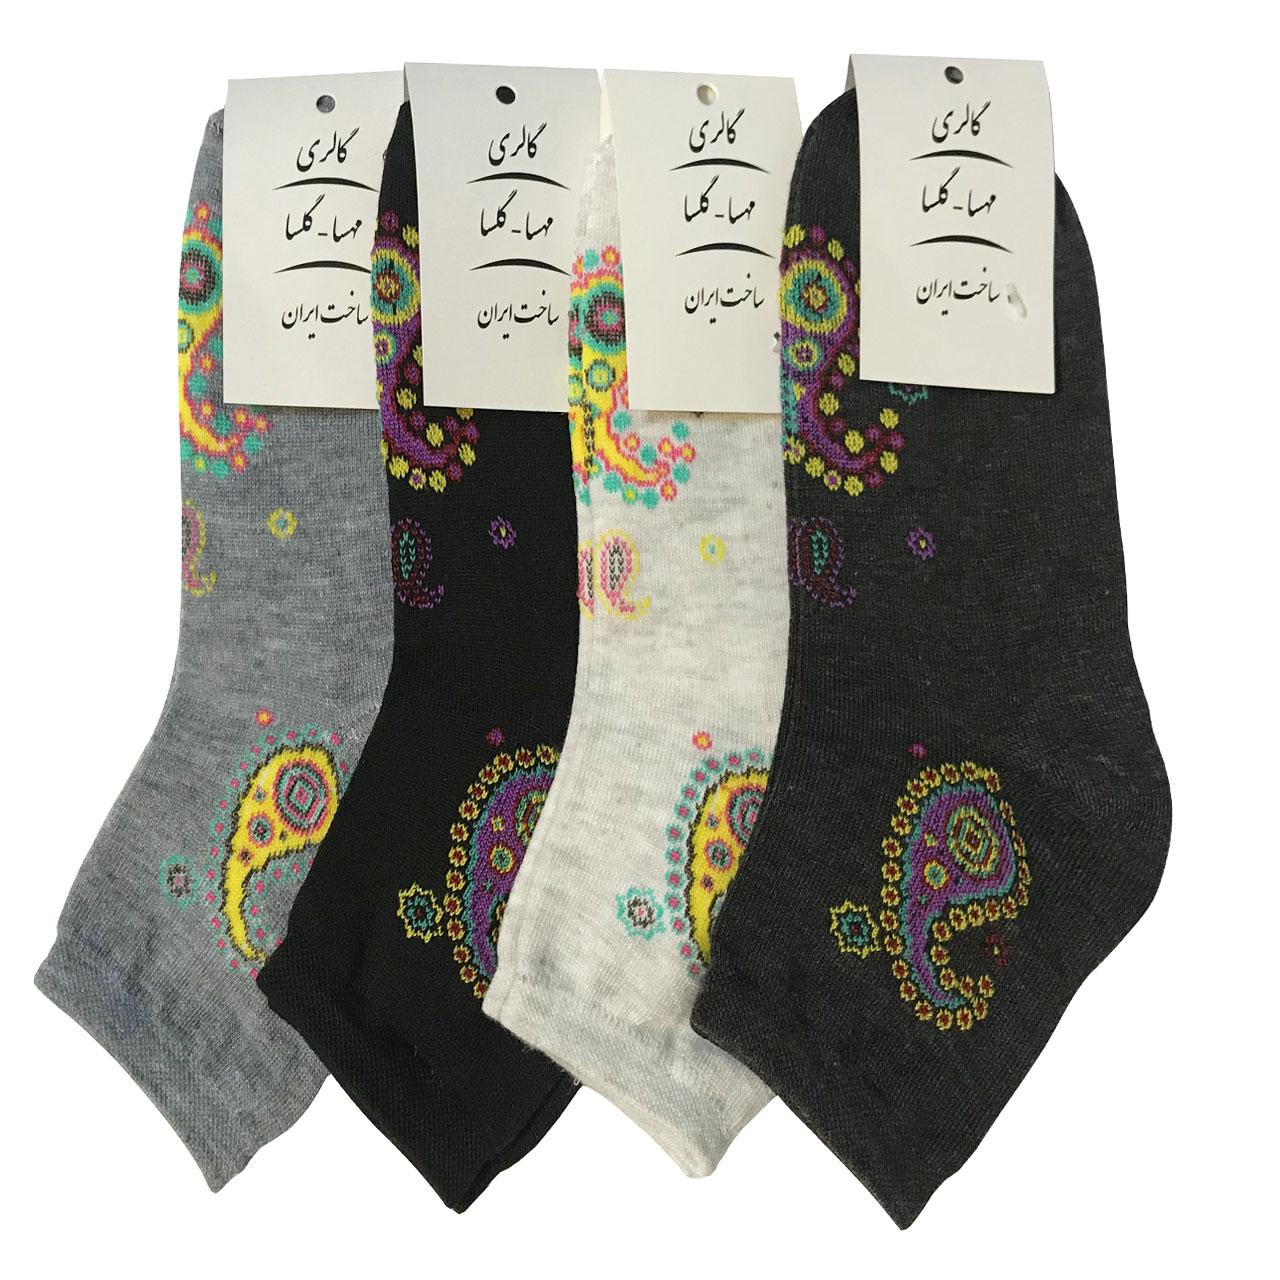 جوراب زنانه گالری مهسا گلسا طرح سنتی کد 066 مجموعه  4 عددی